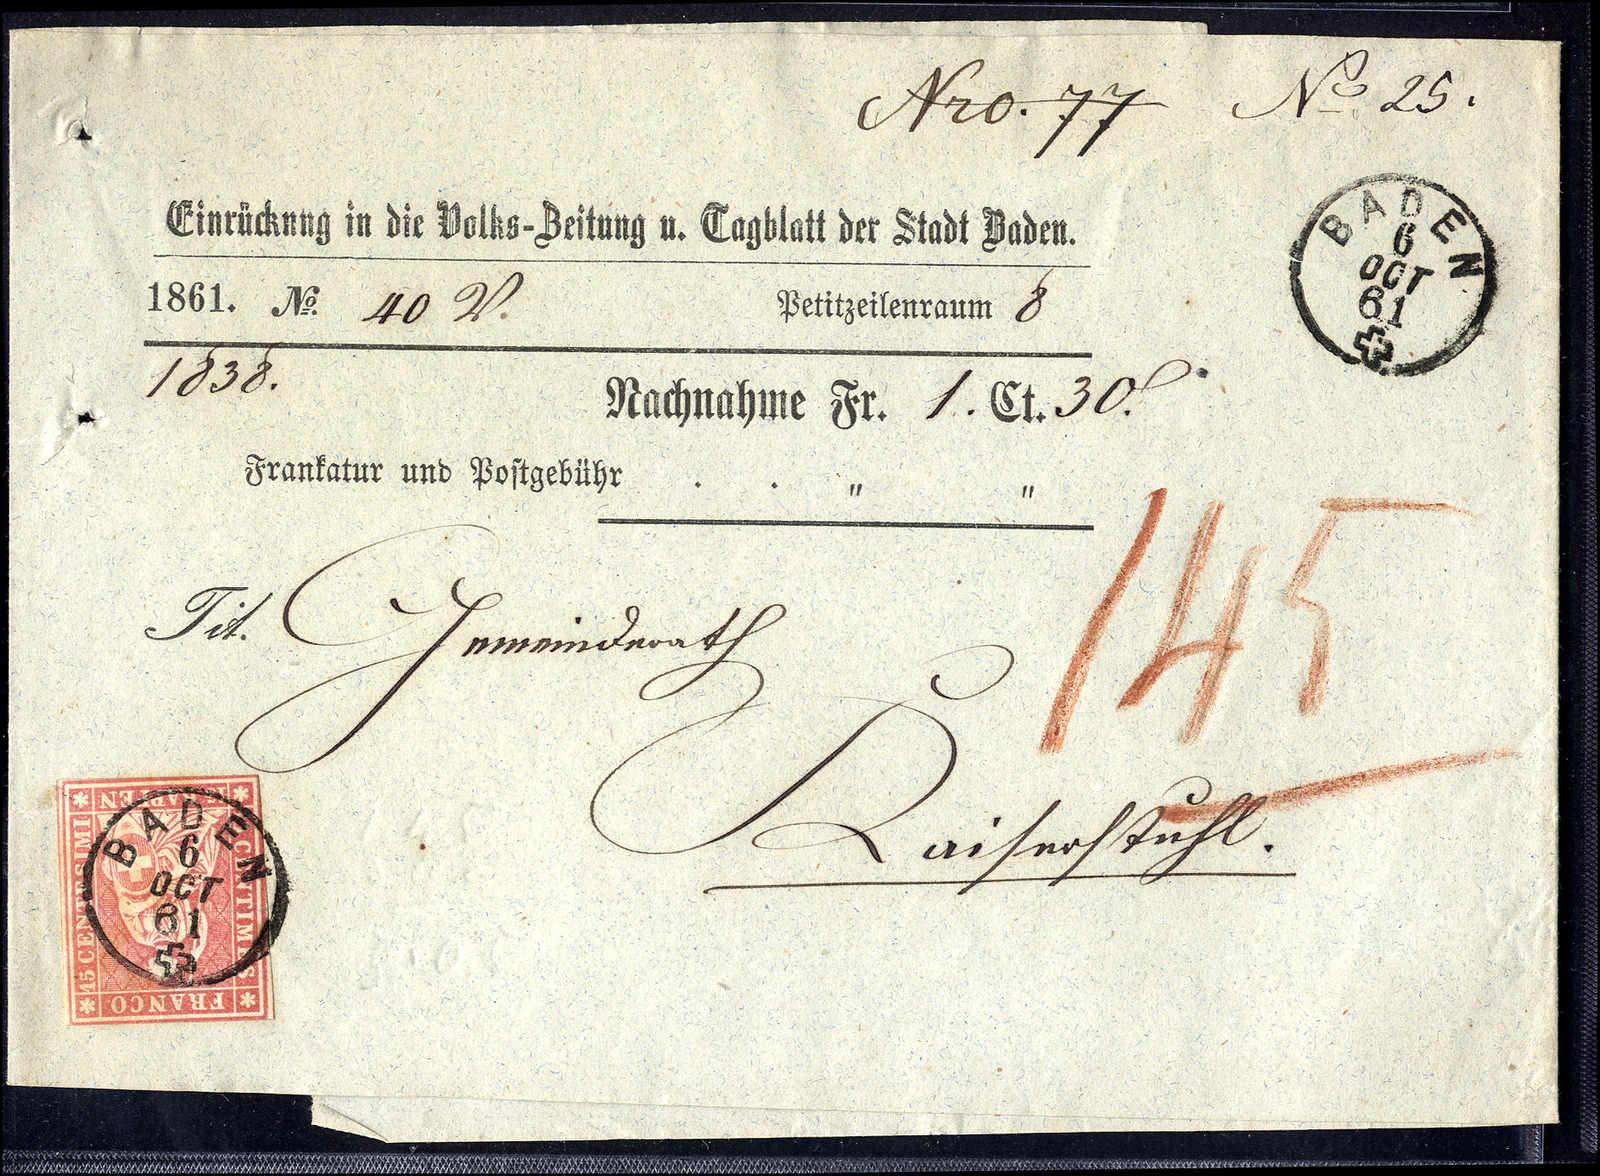 Lot 73 - sammlungen und posten sammlungen und posten altschweiz -  Rolli Auctions Auction #68 Day 1